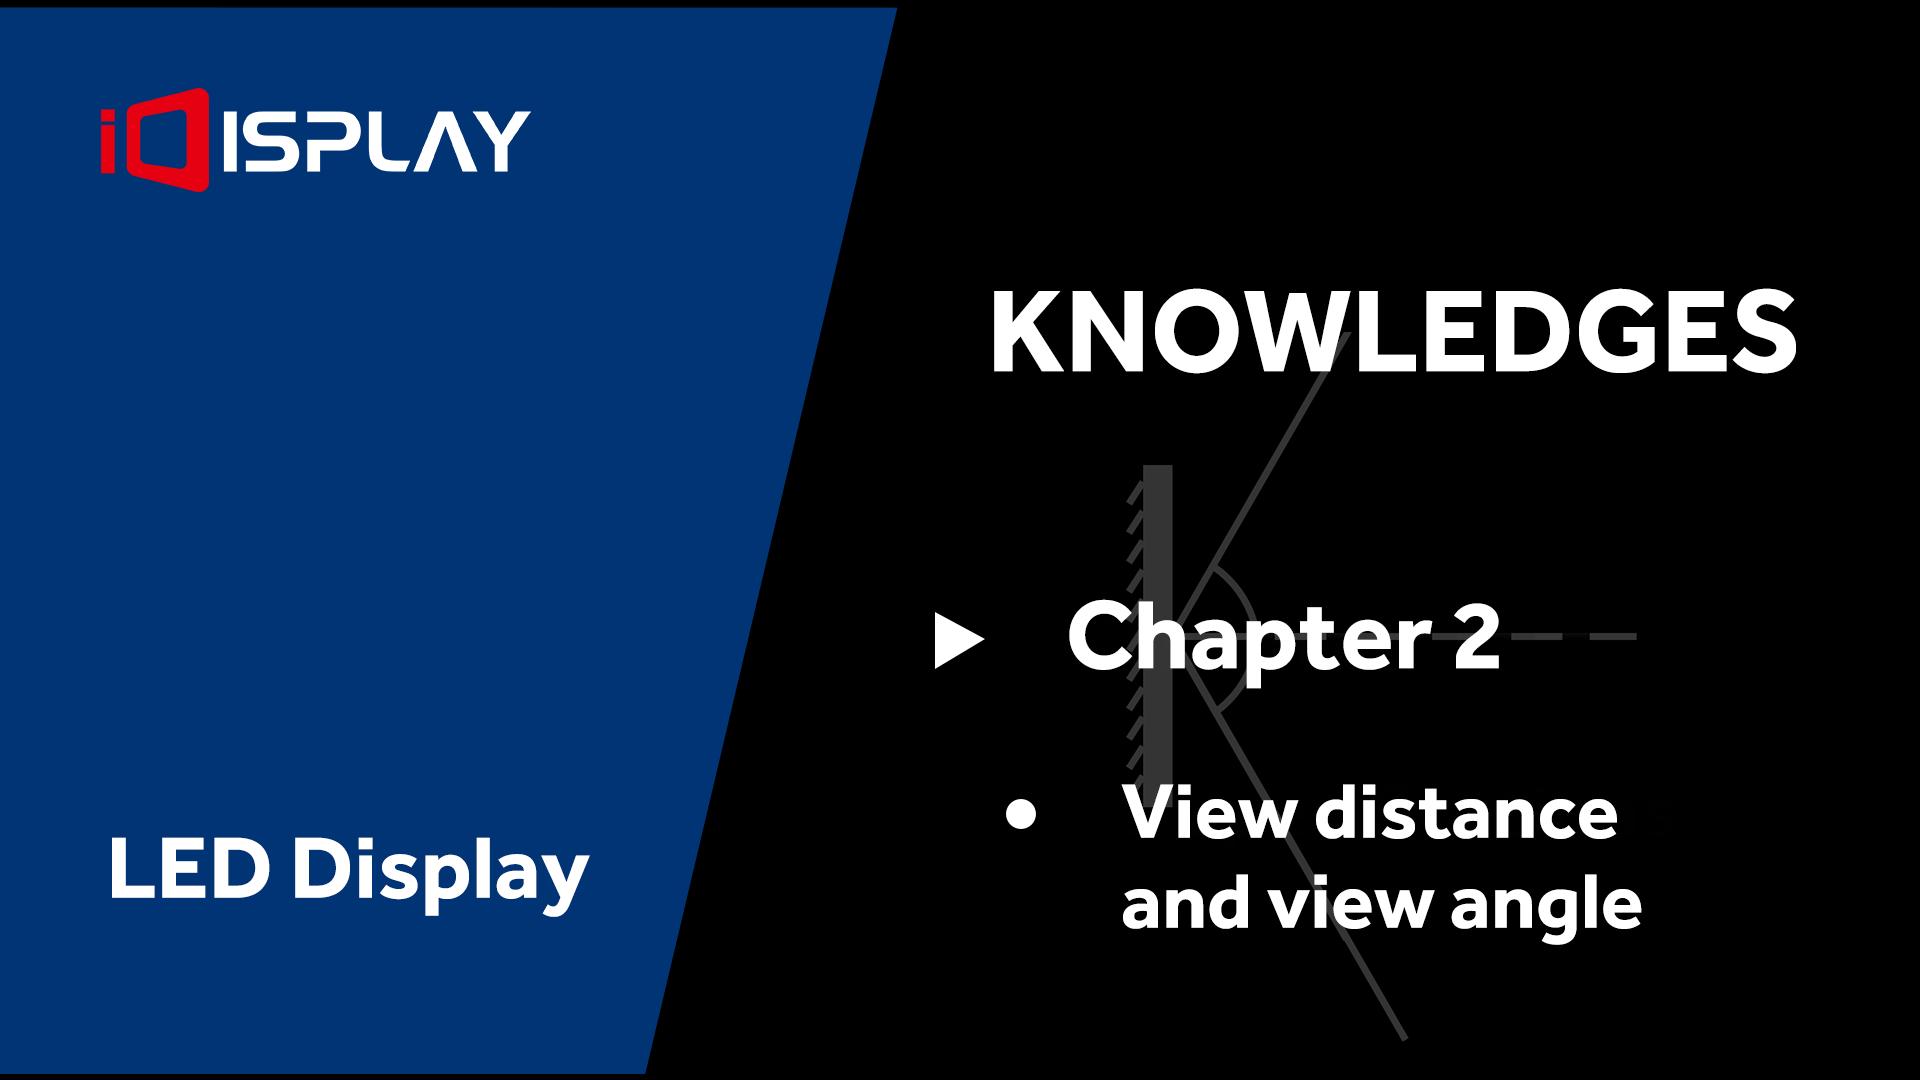 LED Muestra conocimiento básico - Capítulo 2 Ver distancia y ángulo de visión Idisplayled